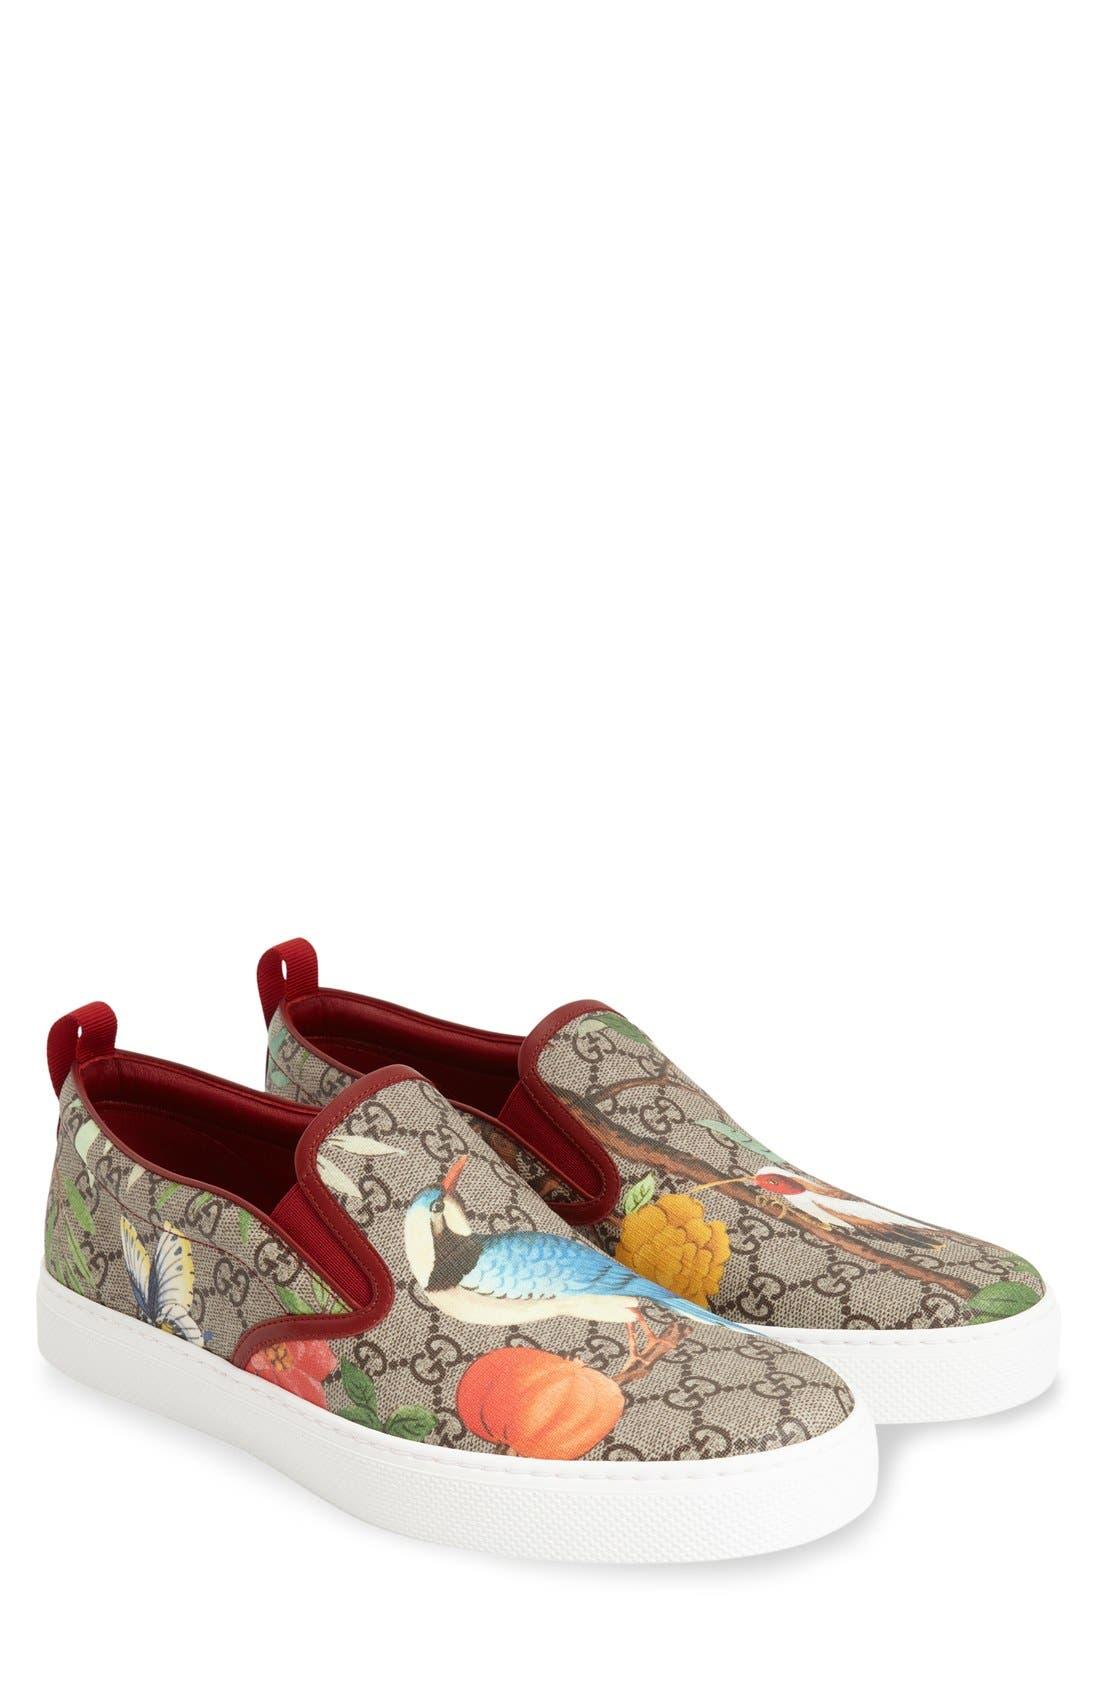 Dublin Slip-On Sneaker,                             Main thumbnail 10, color,